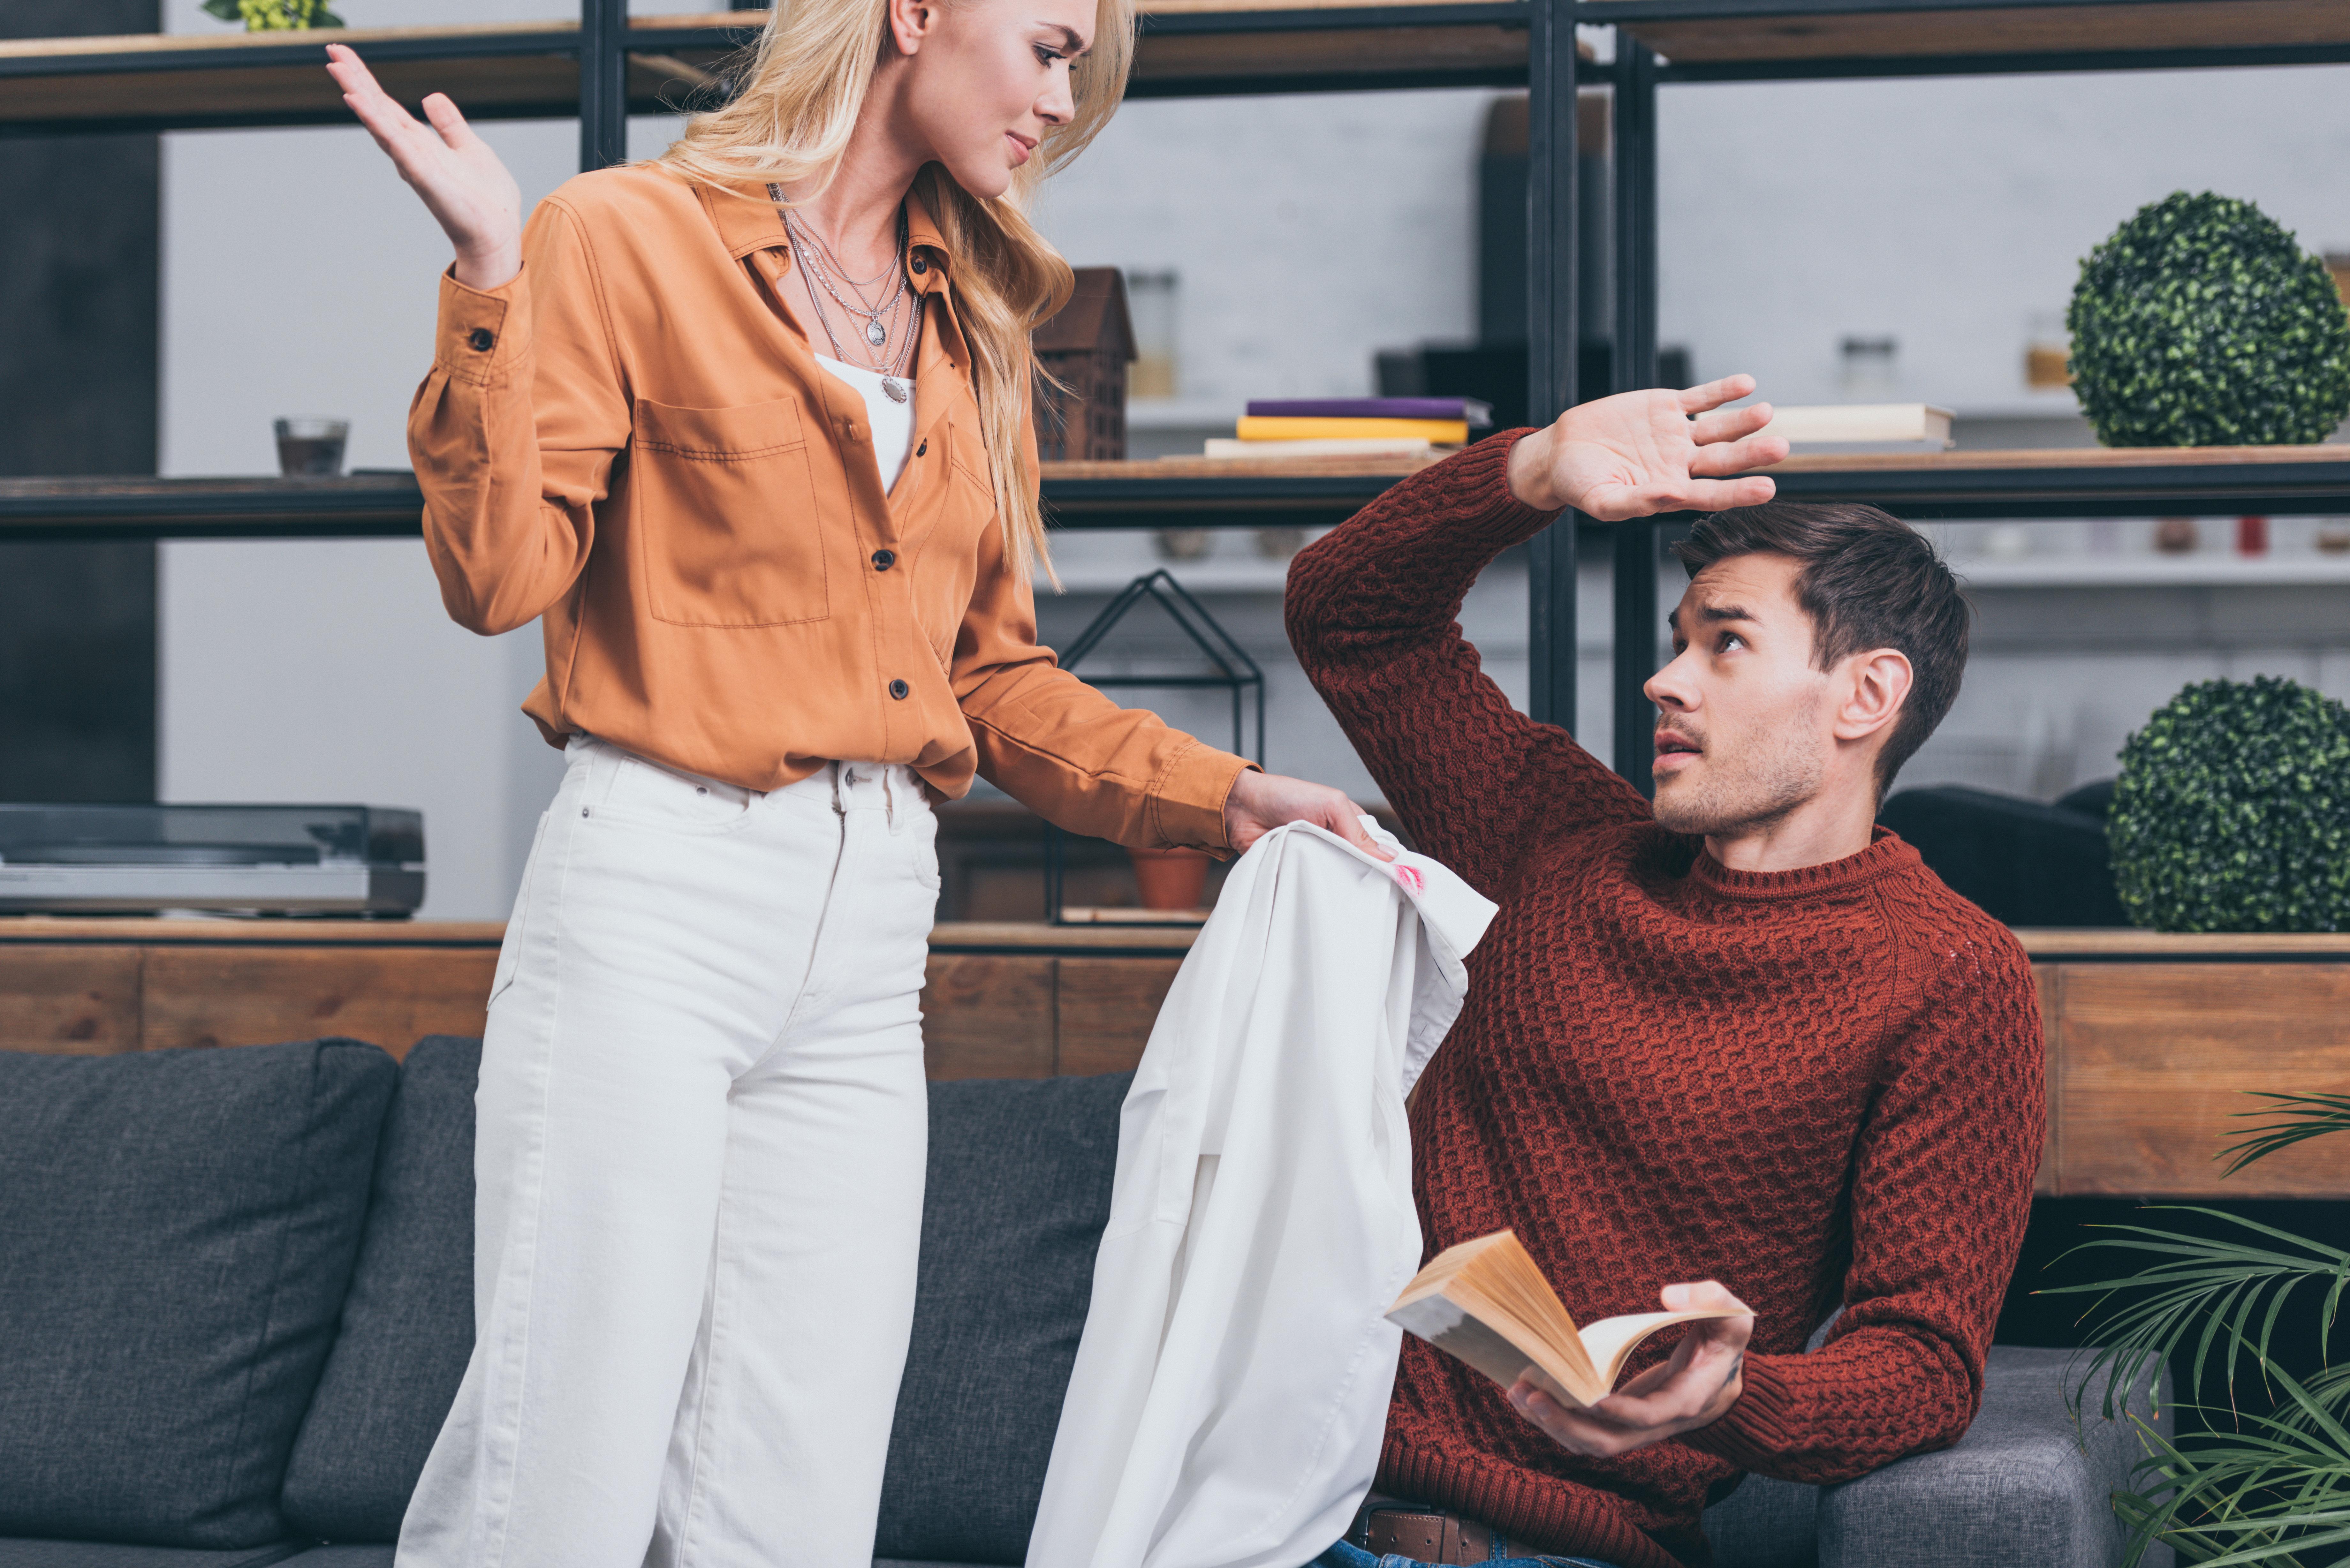 Partenerul tau are sau a avut o aventura? Relatia ta a cunoscut dezamagirea unei aventuri sexuale sau emotionale din partea partenerului?